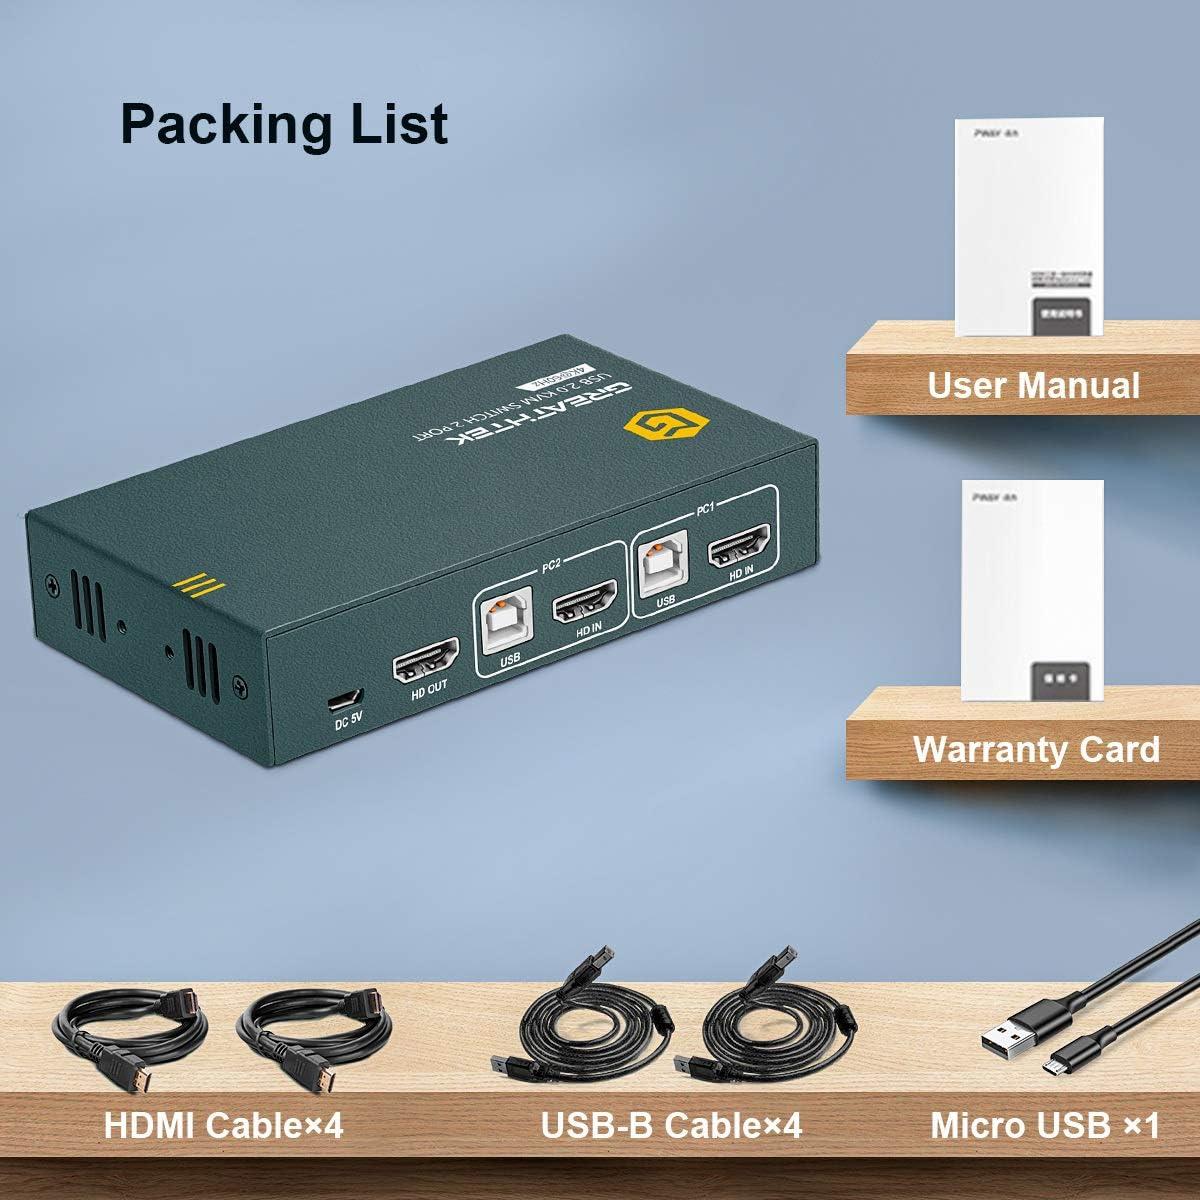 Computer & Zubehr KVM-Switches sumicorp.com Mit HDMI und USB ...